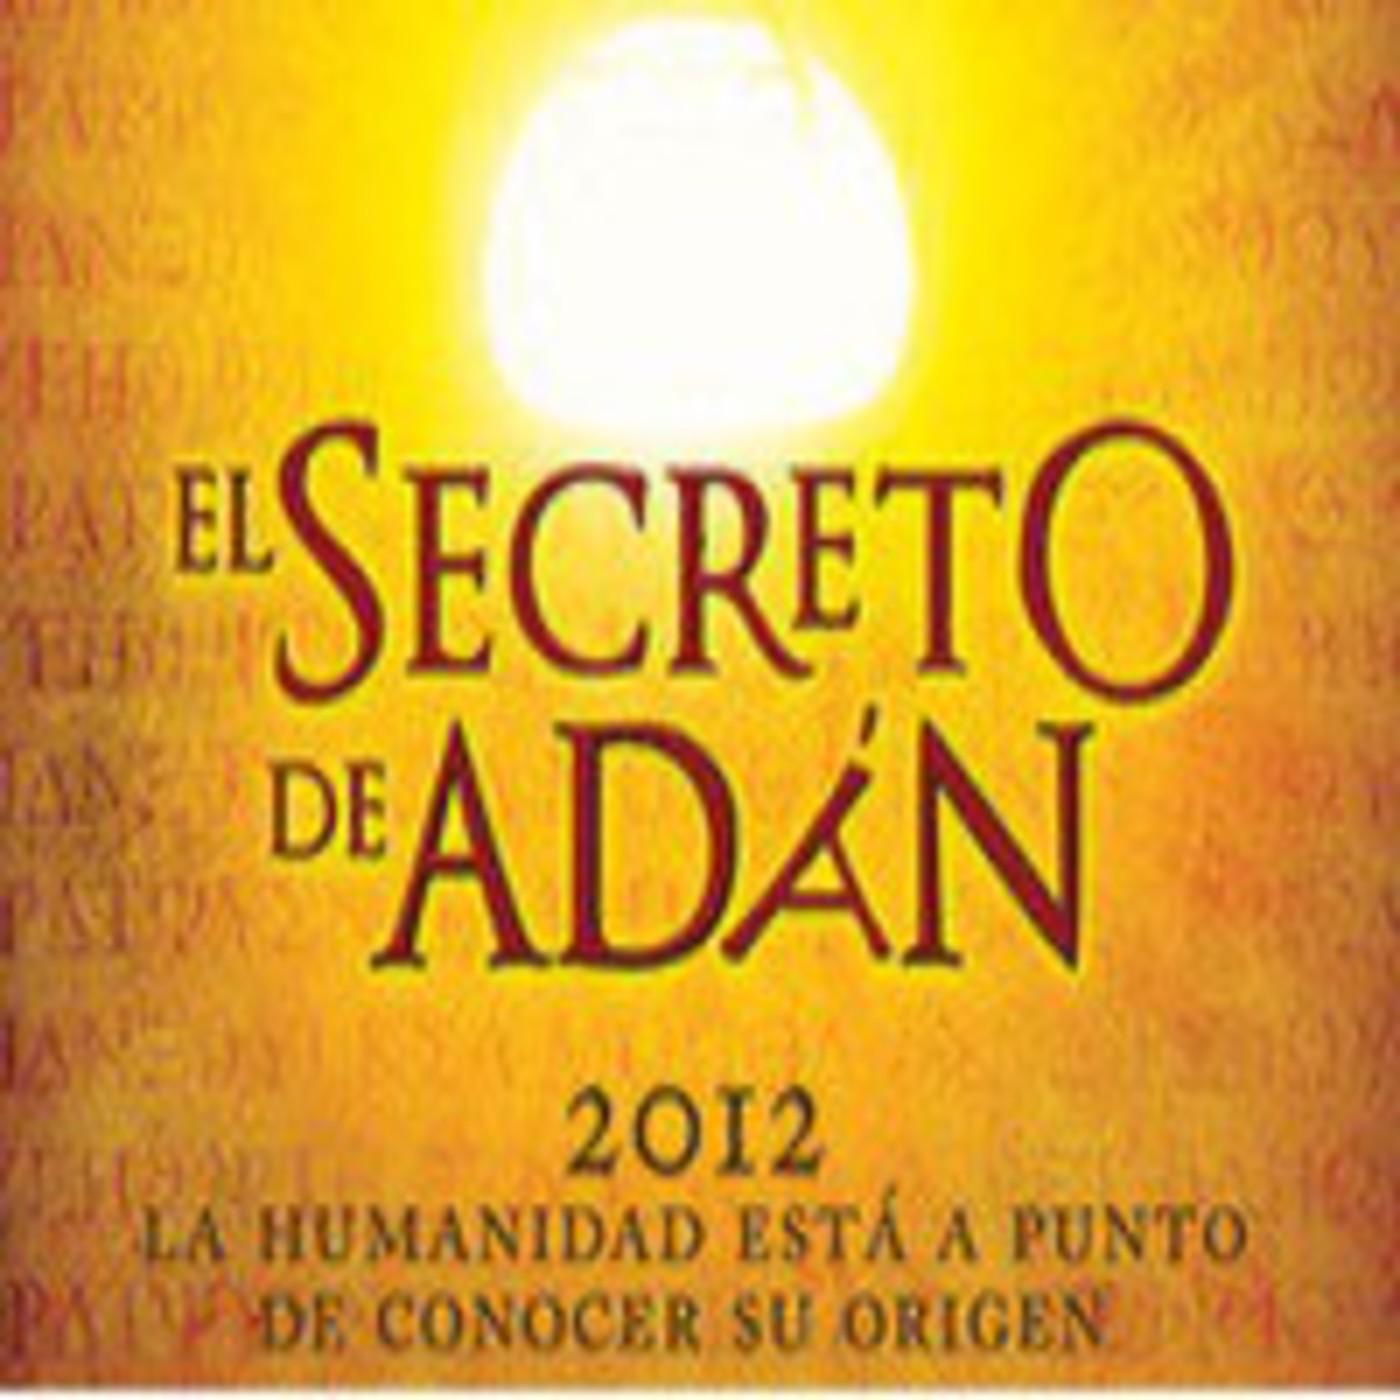 El Secreto de Adán - Parte 1 en El Secreto de Adán en mp3(06/08 a las  04:16:18) 44:38 1366976 - iVoox